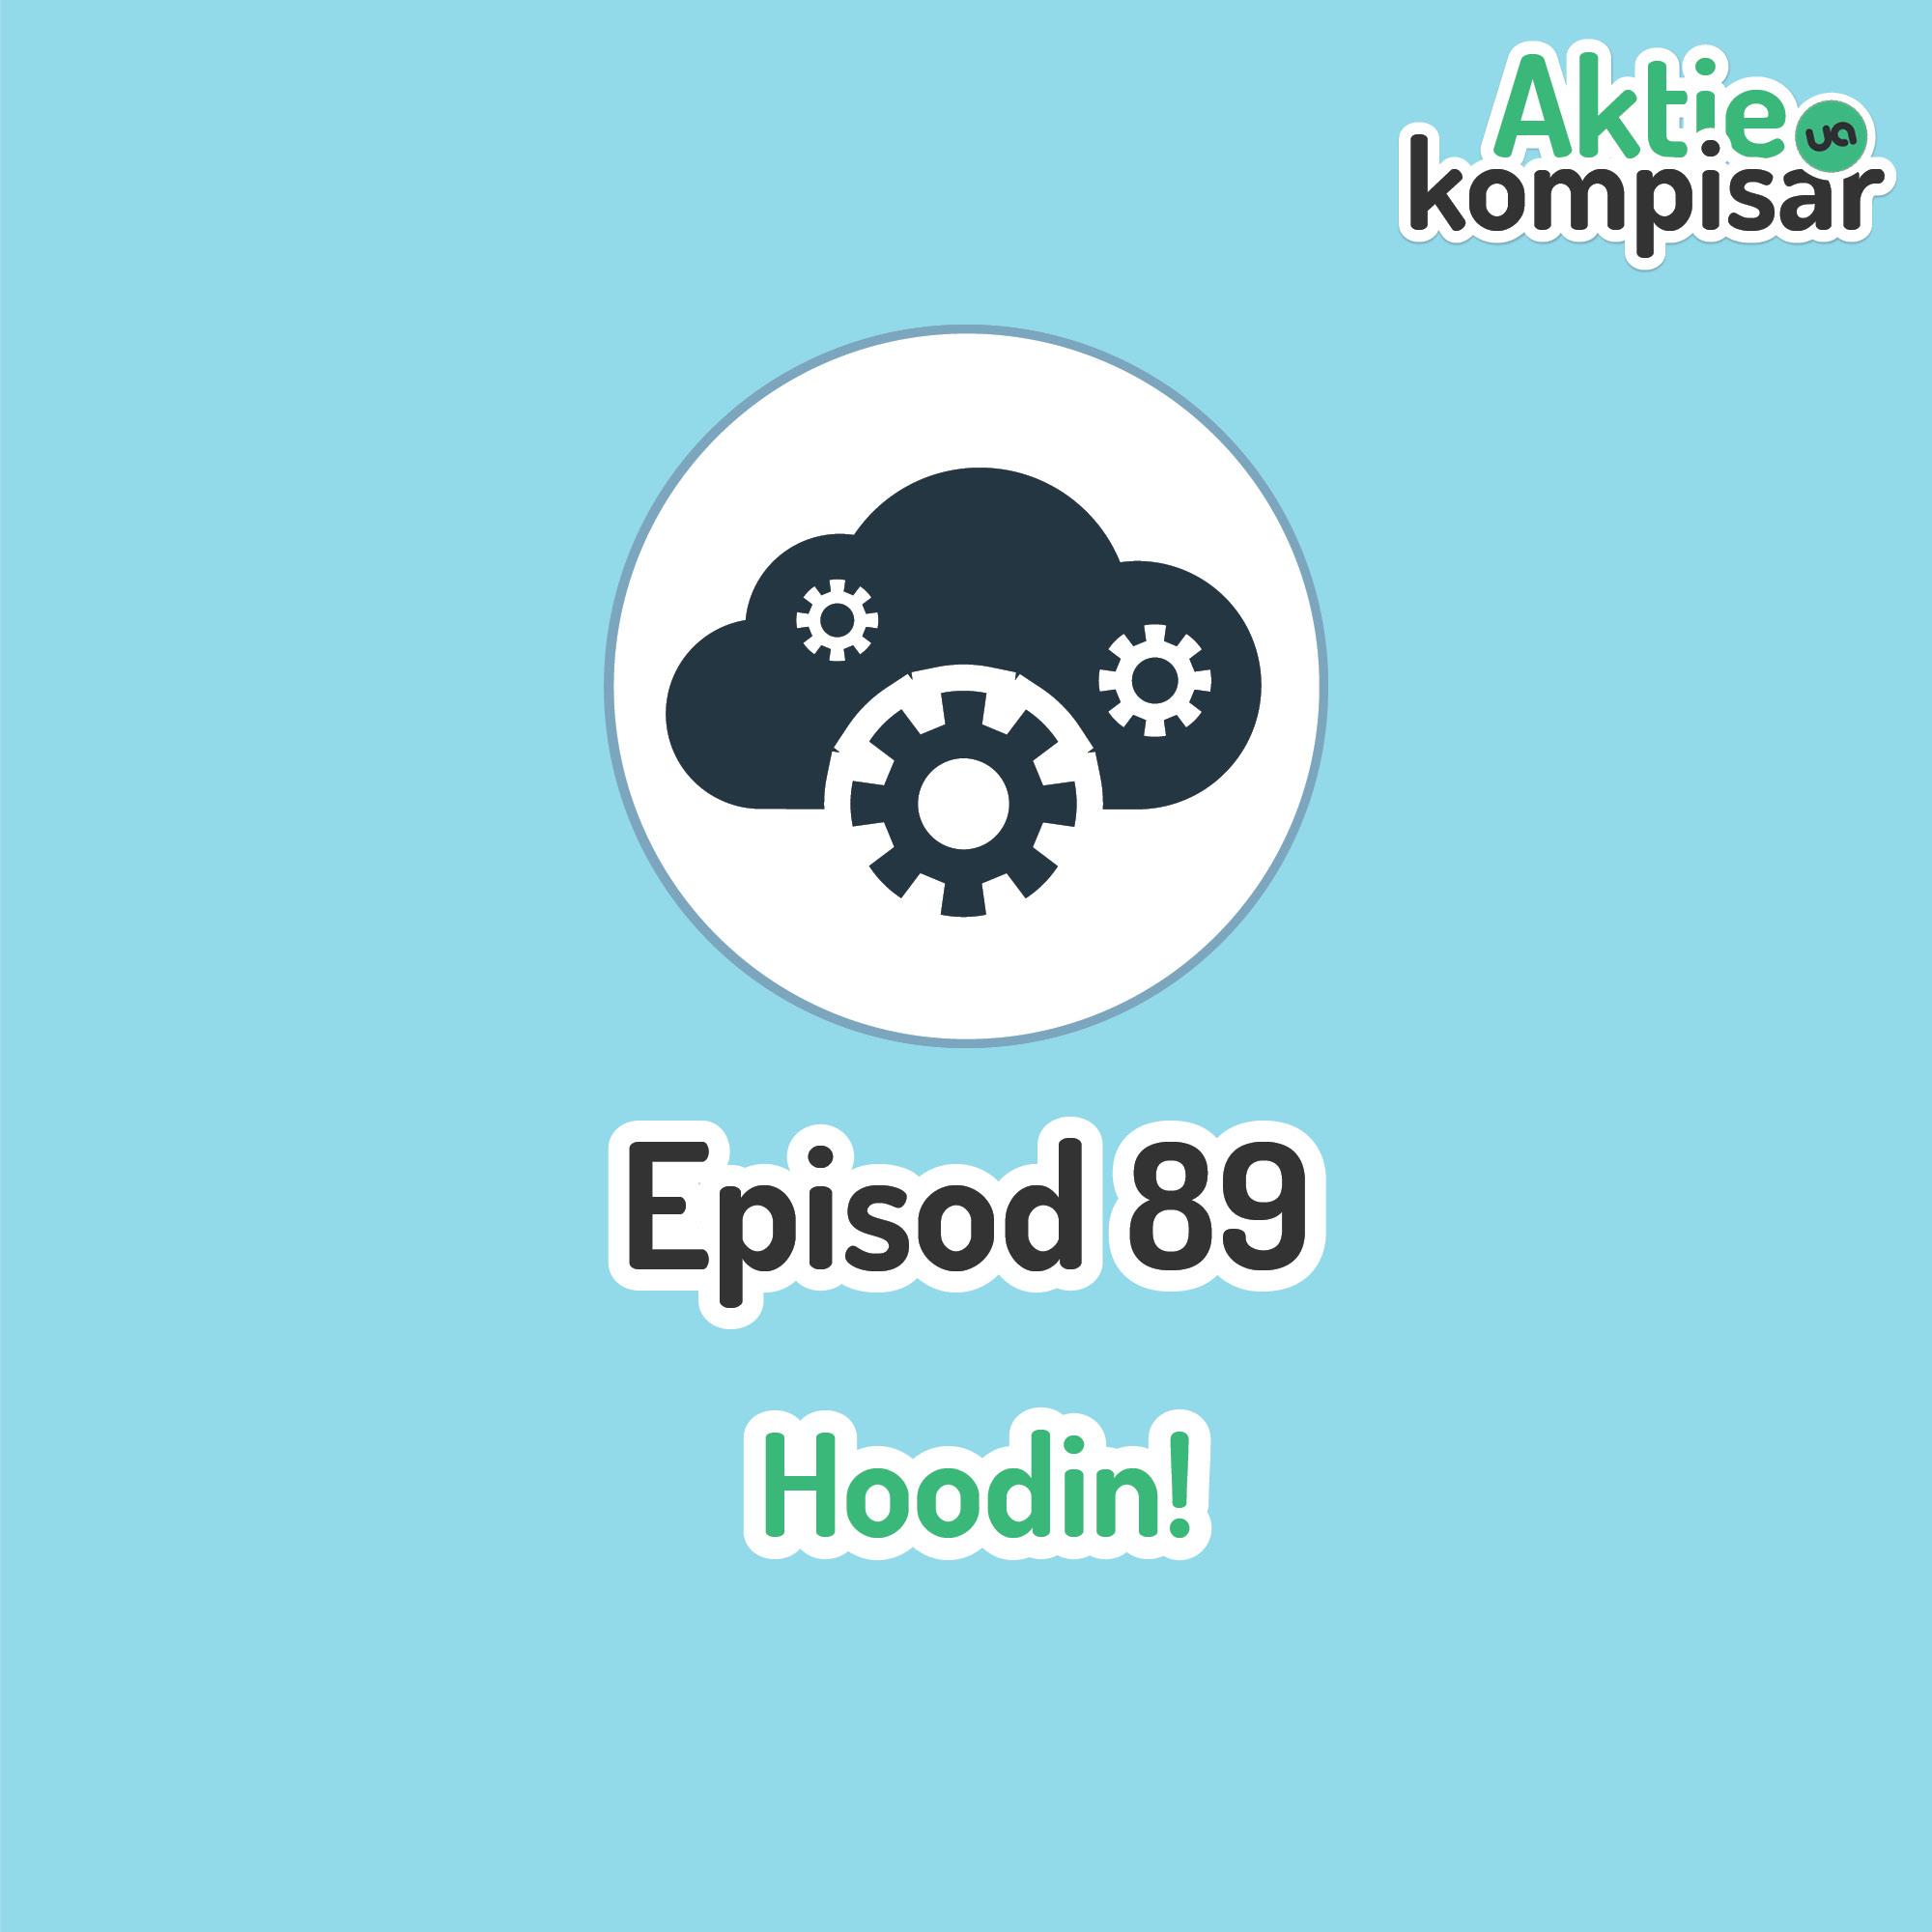 Episod 89 - Hoodin!